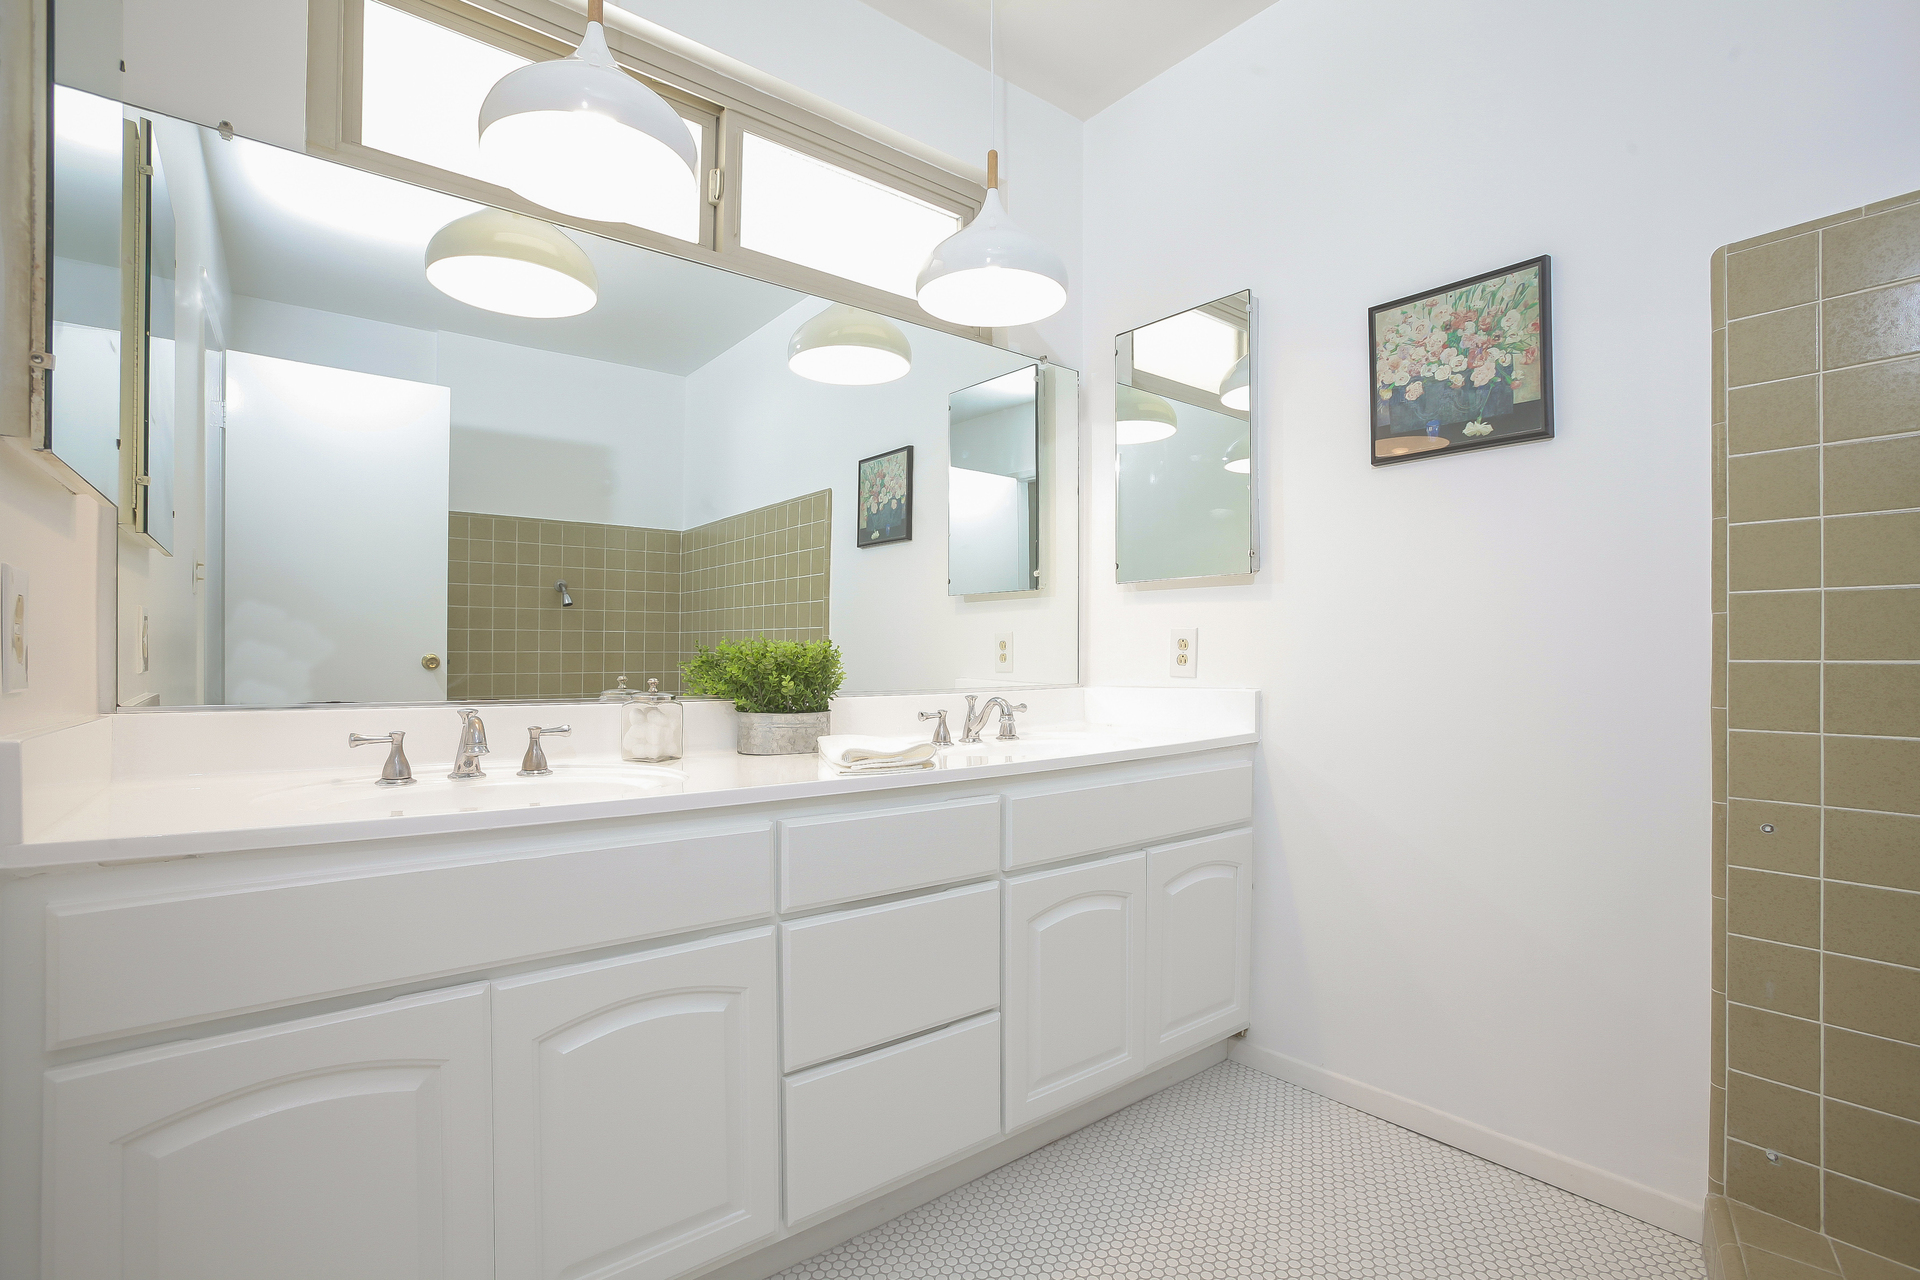 034-Master_Bathroom-4443073-medium.jpg